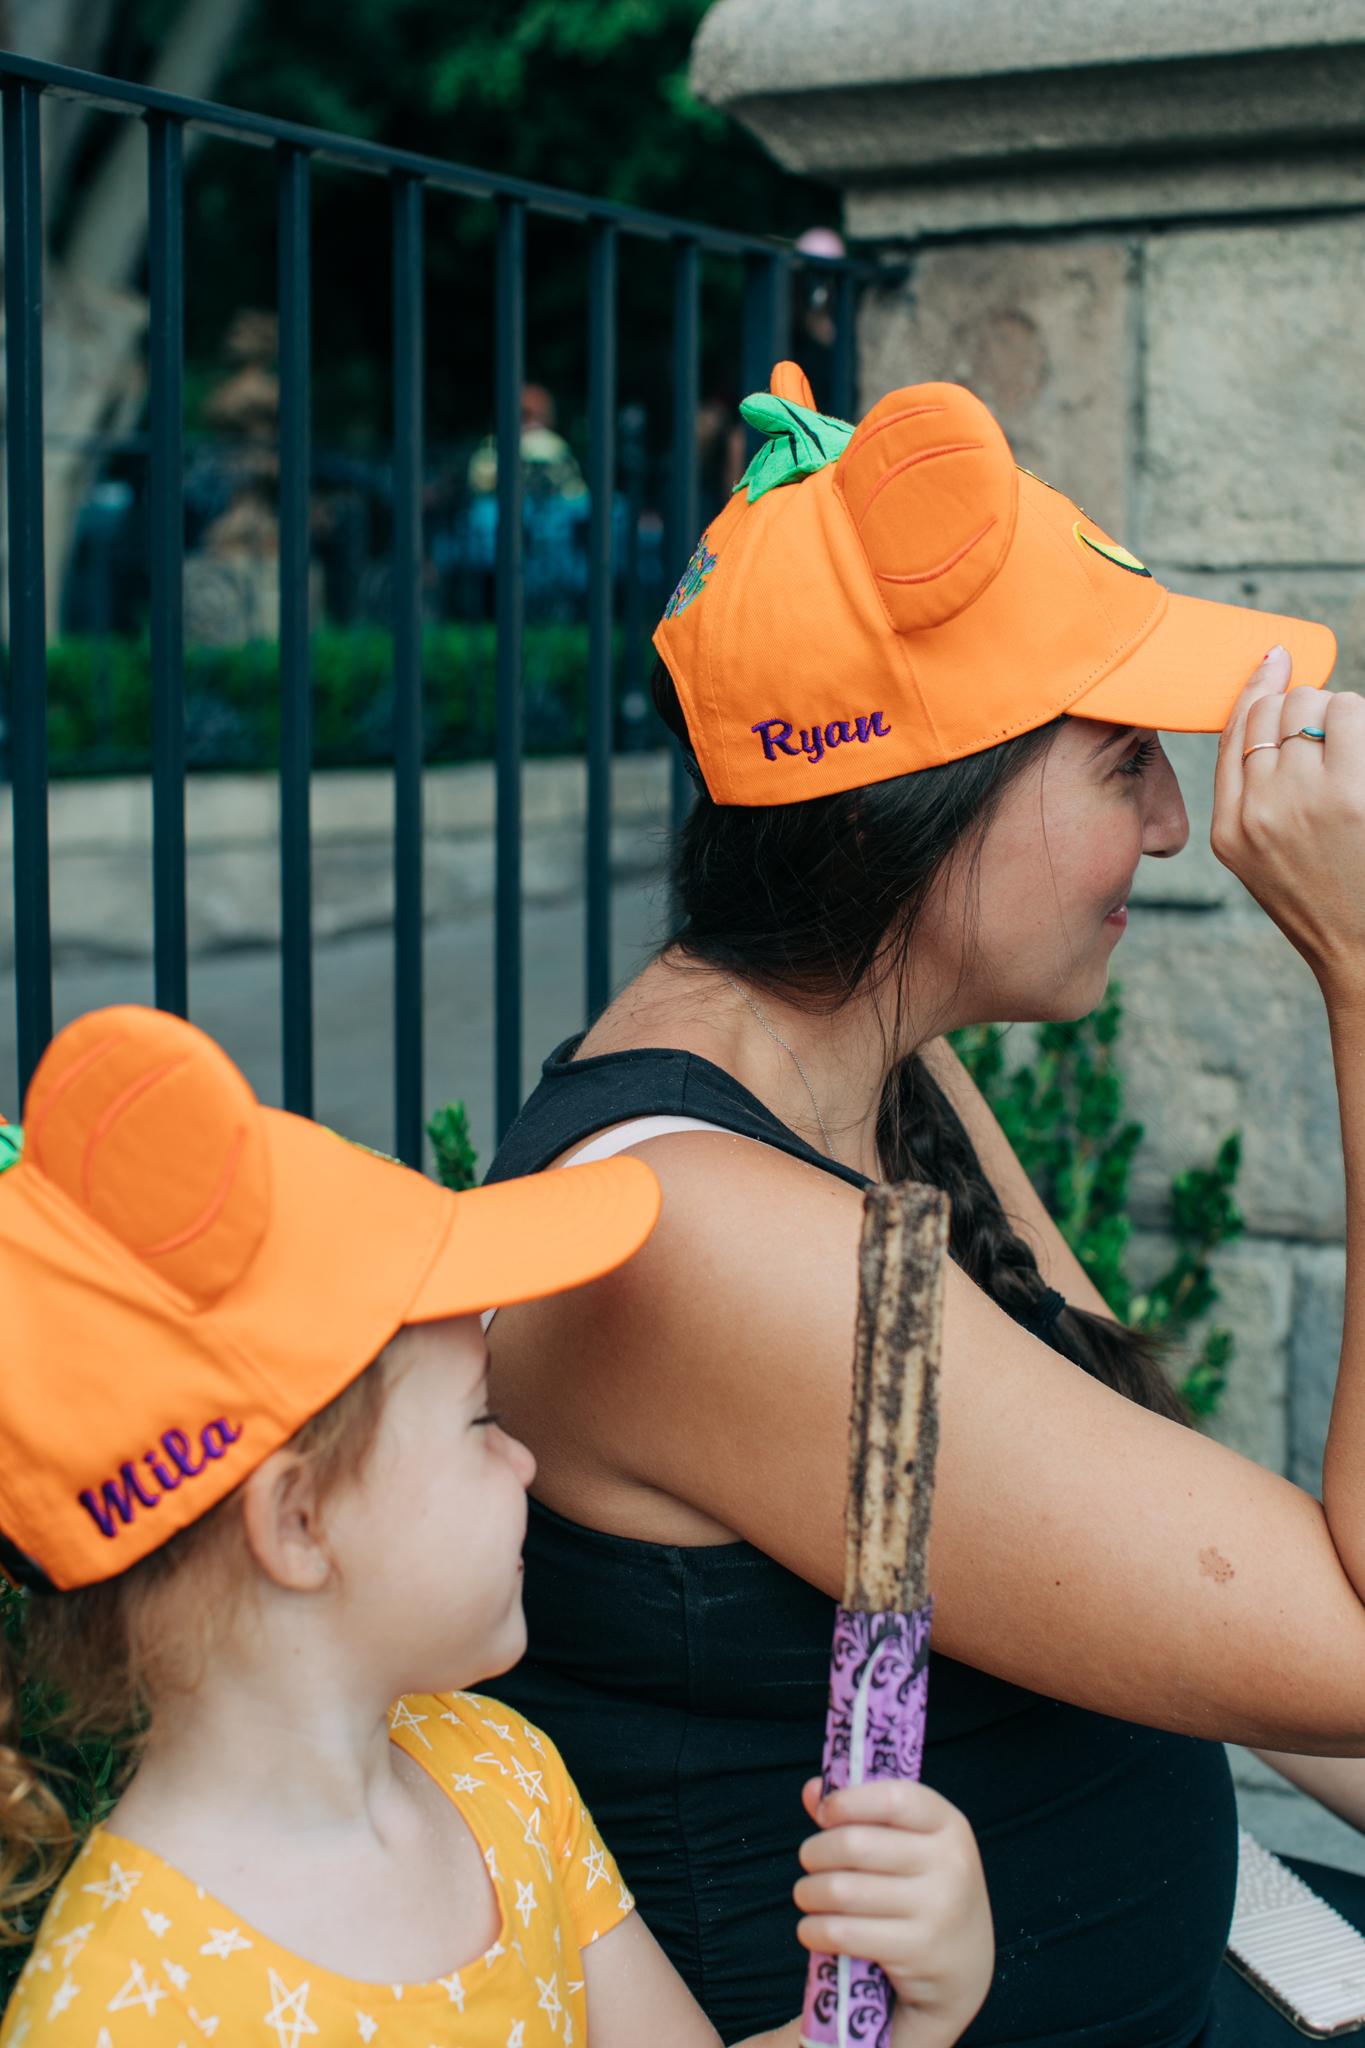 BabyBoyBakery_Disneyland_LilyRo-51.jpg